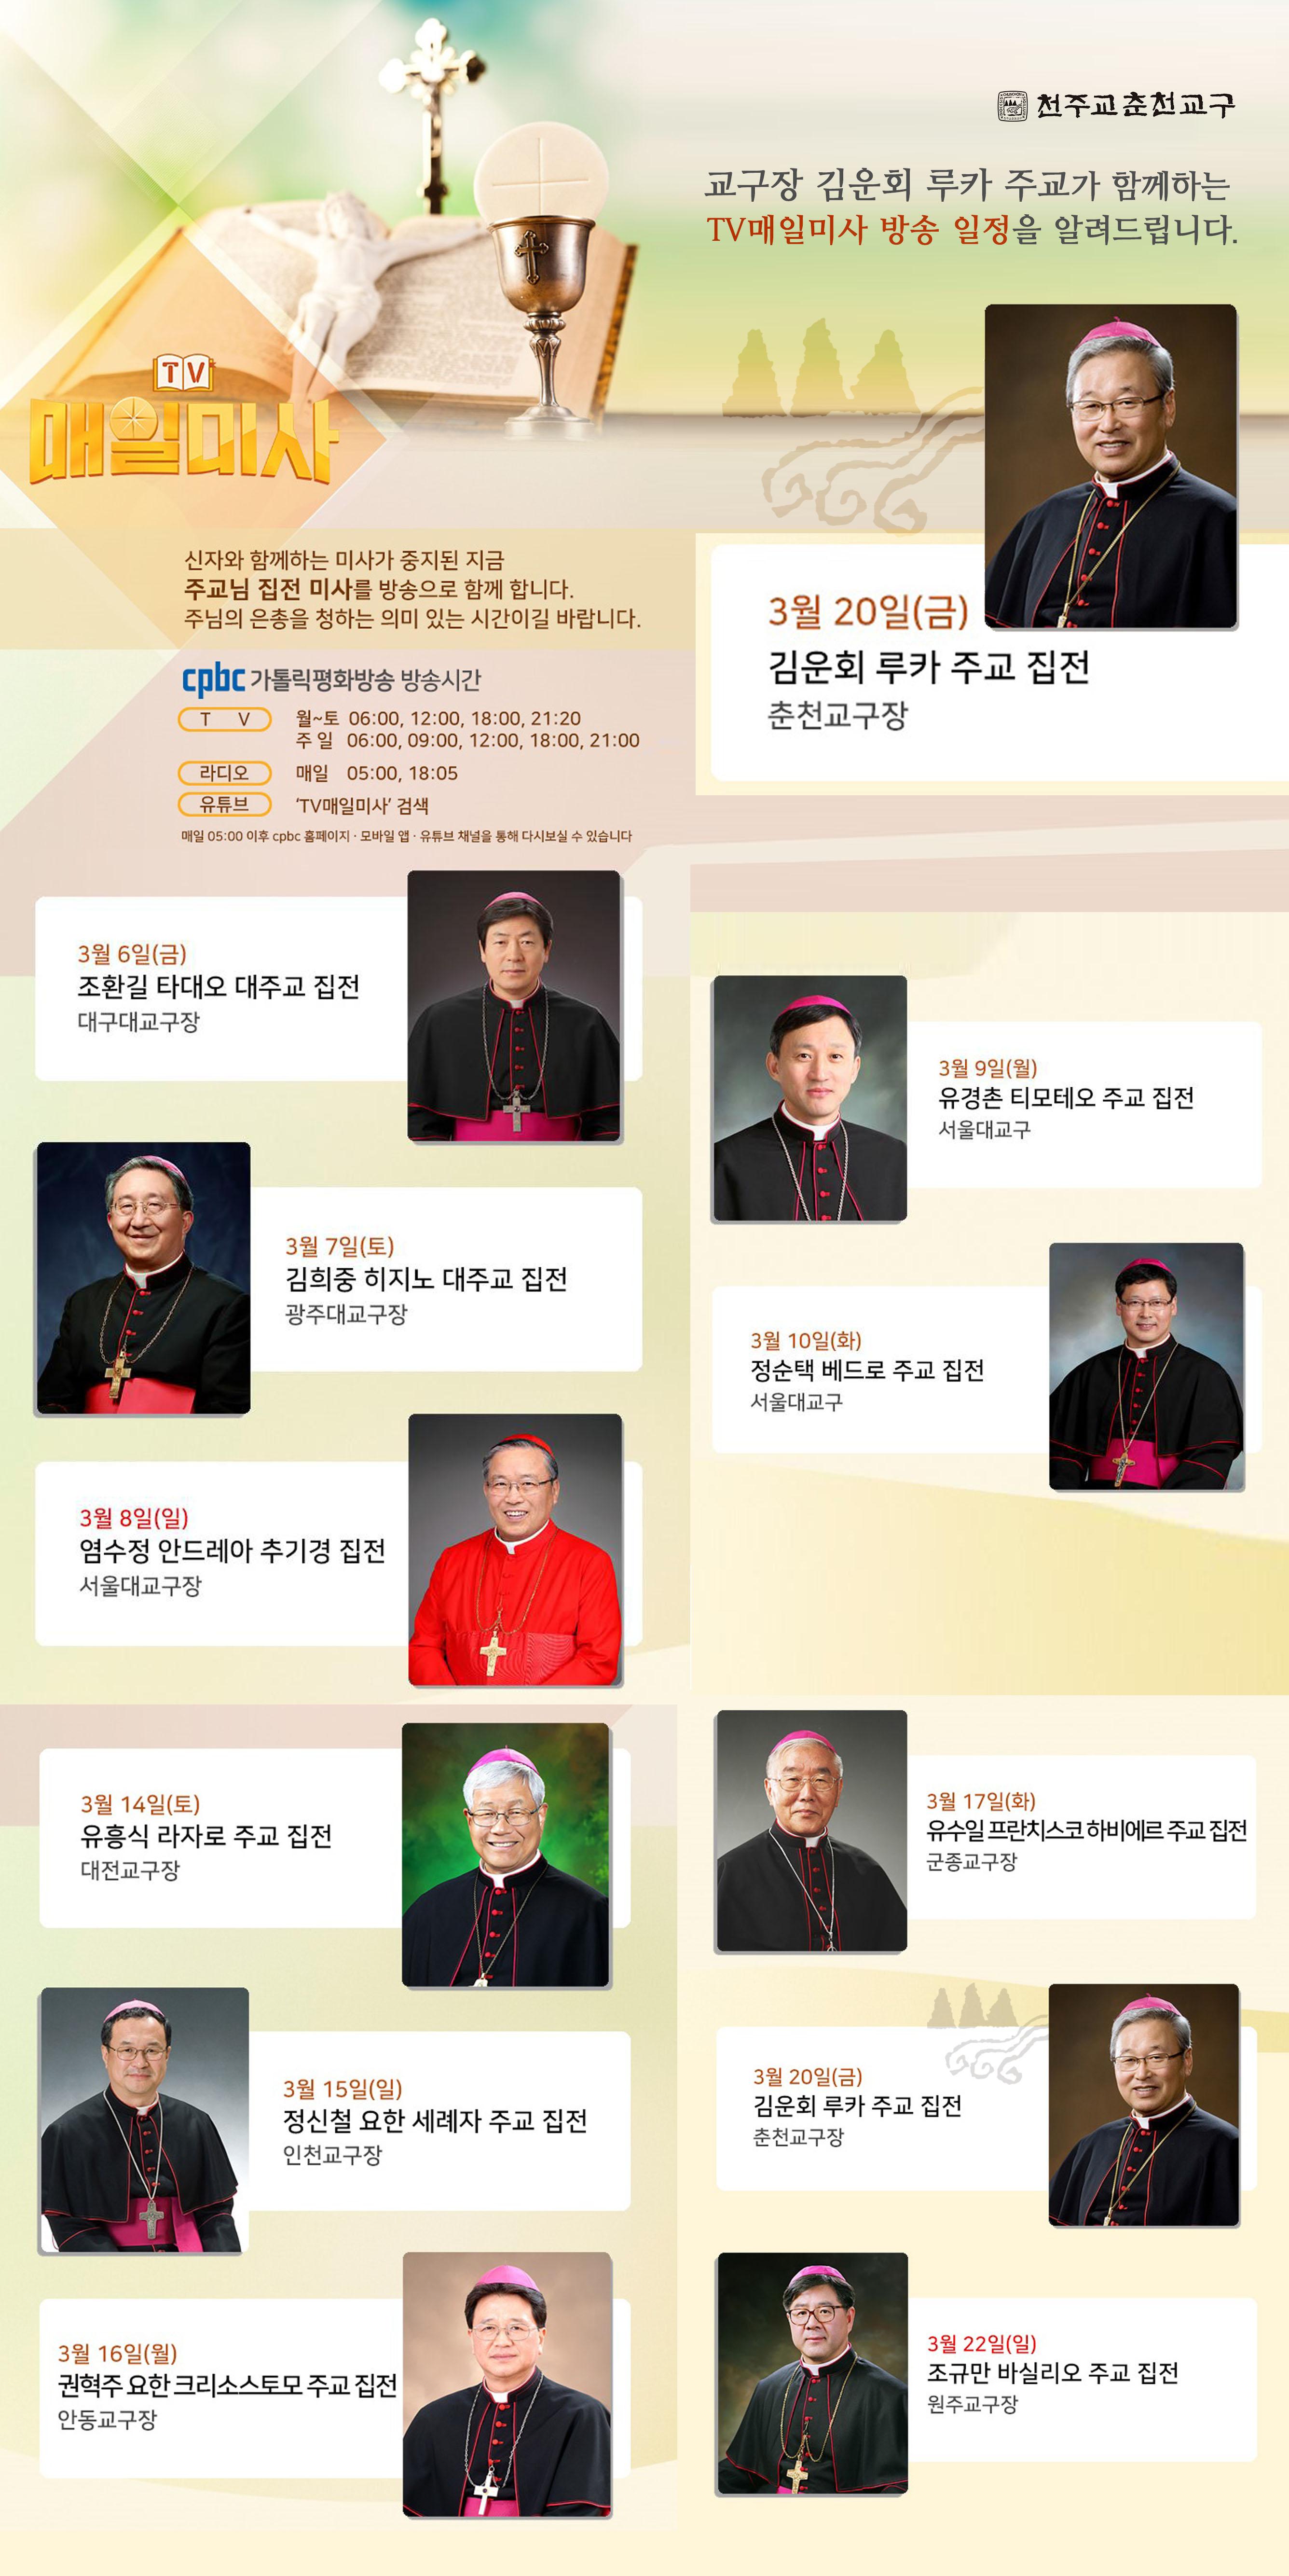 평화방송 TV매일미사 춘천교구장 출연 홍보 이미지.jpg